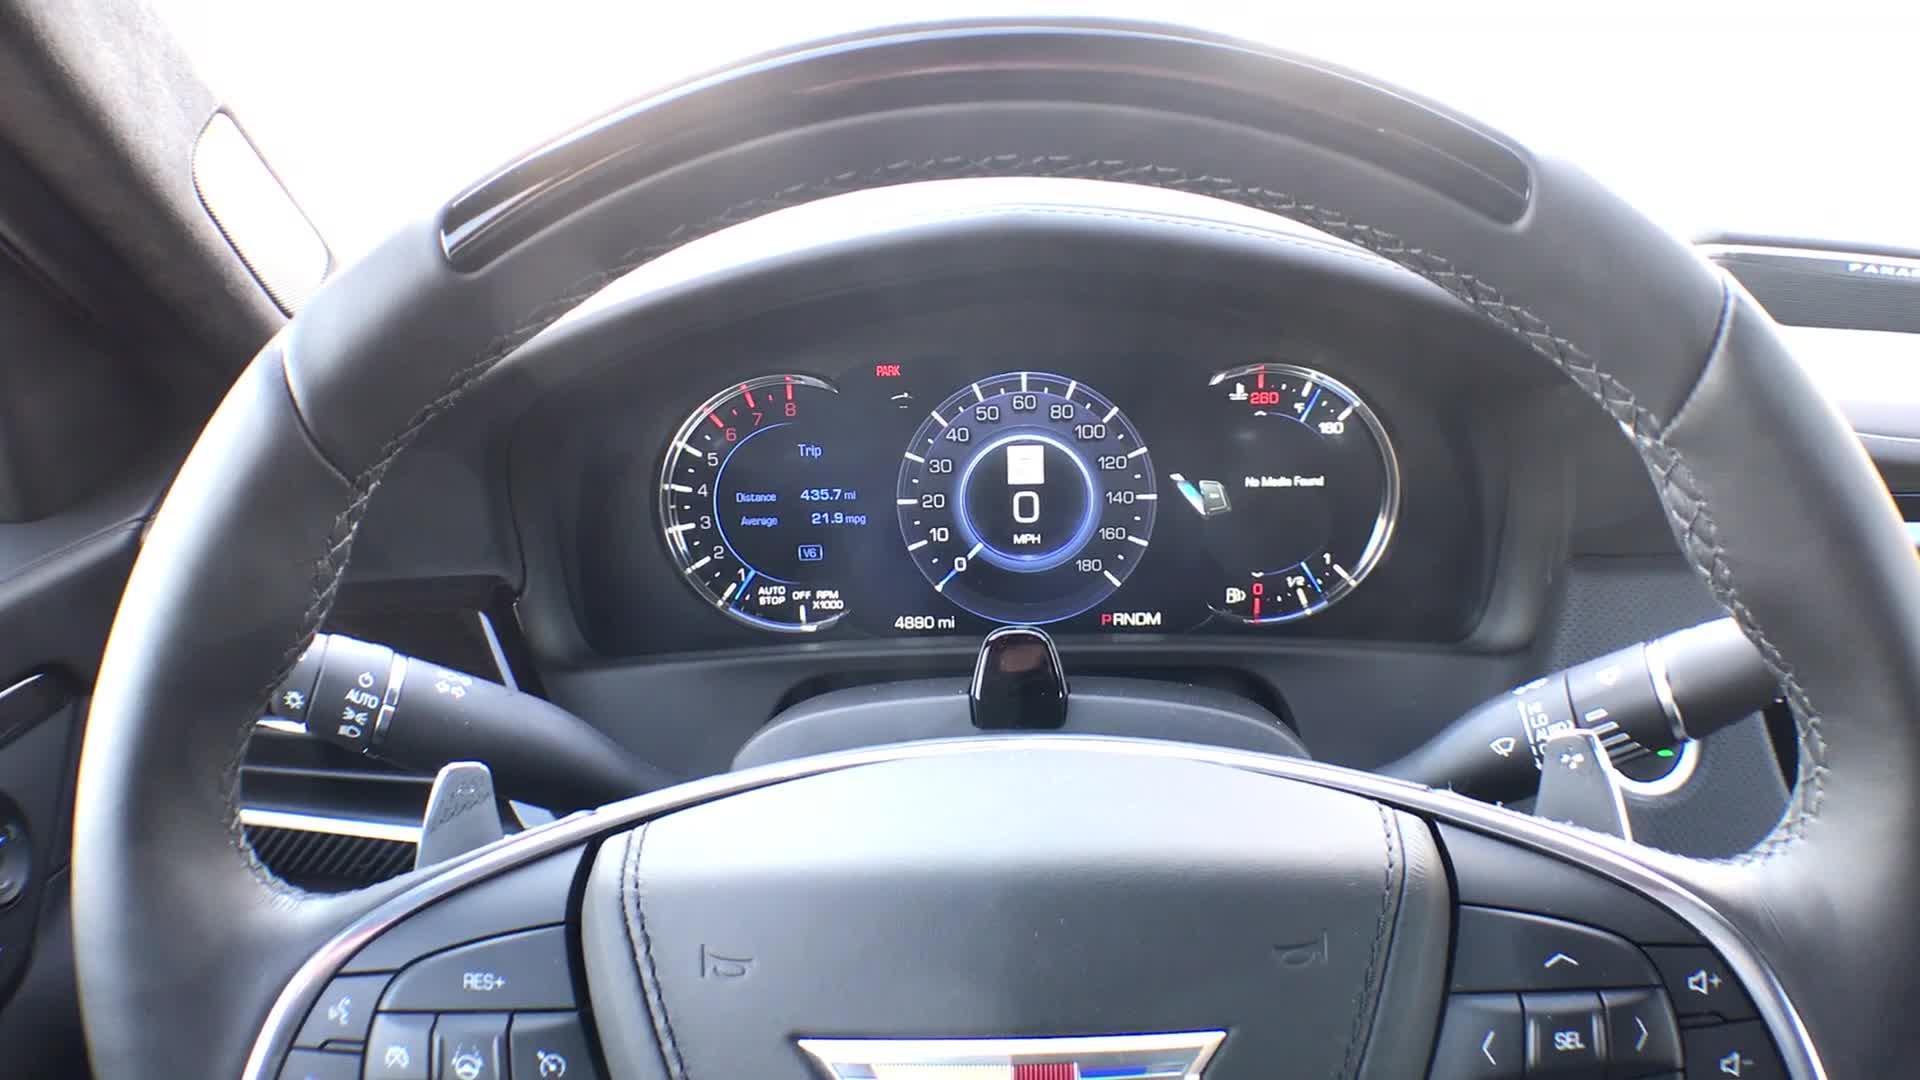 2020 Cadillac CT6 losing the 3.0-liter TT V6? | Autoblog